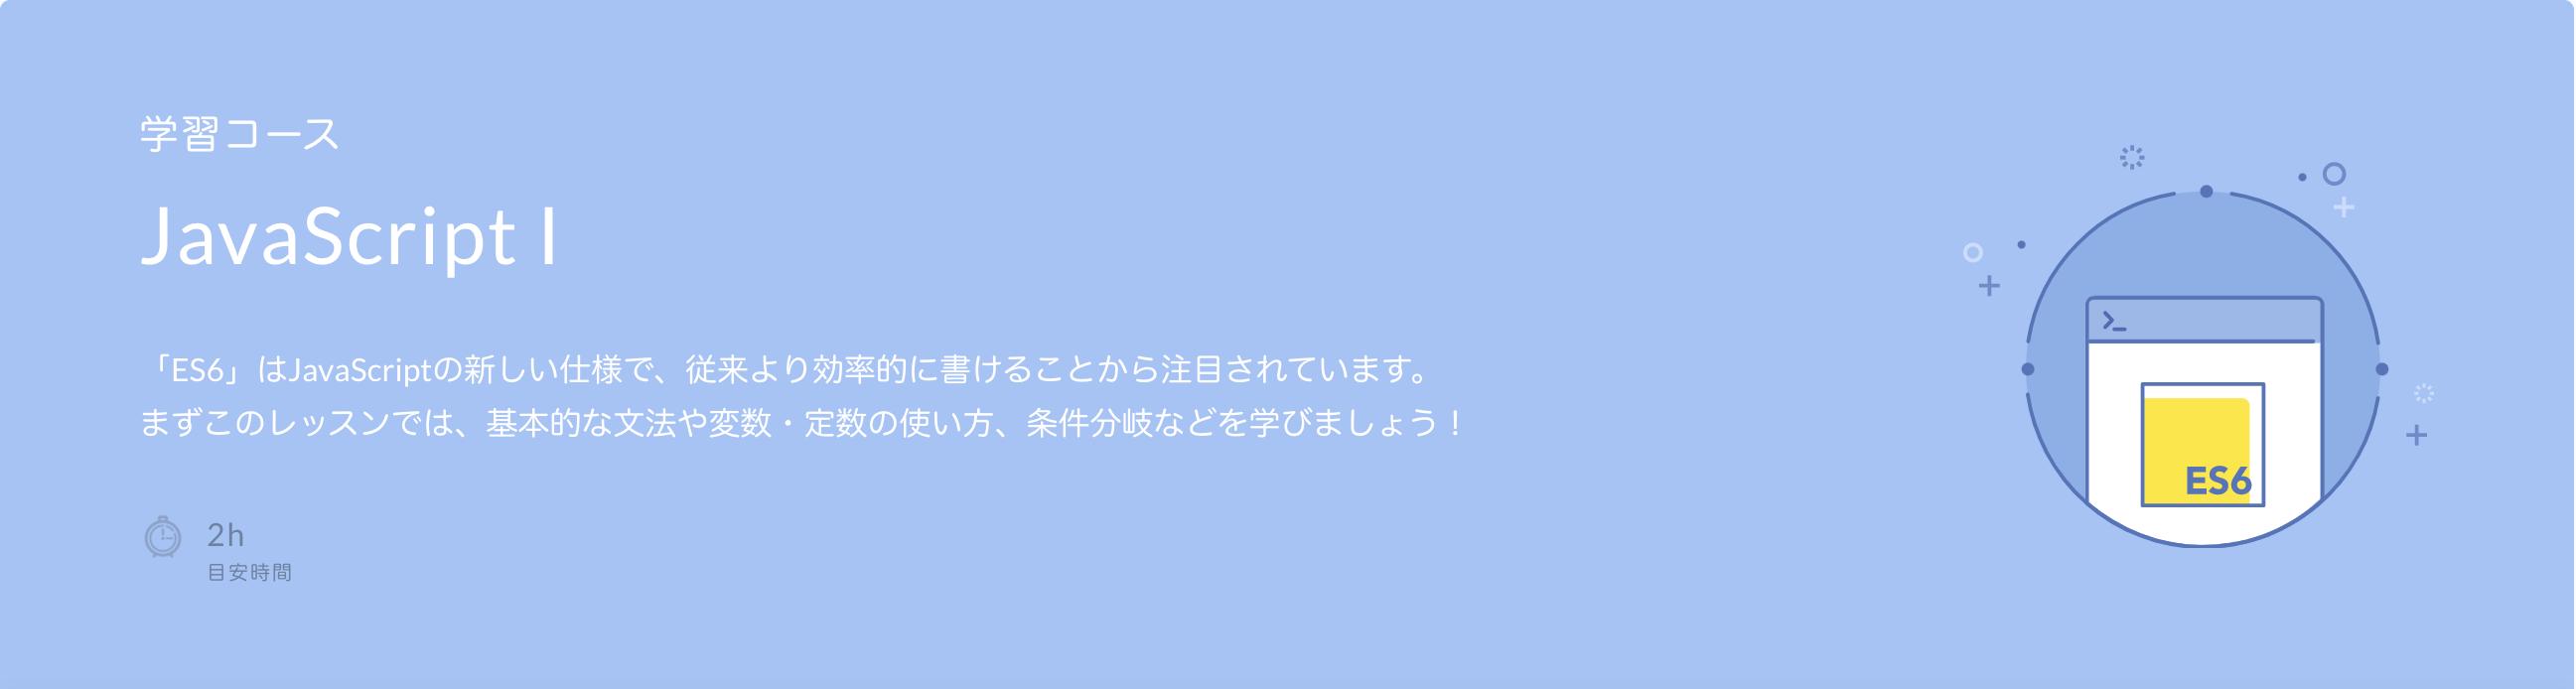 スクリーンショット-2021-08-02-12.41.23